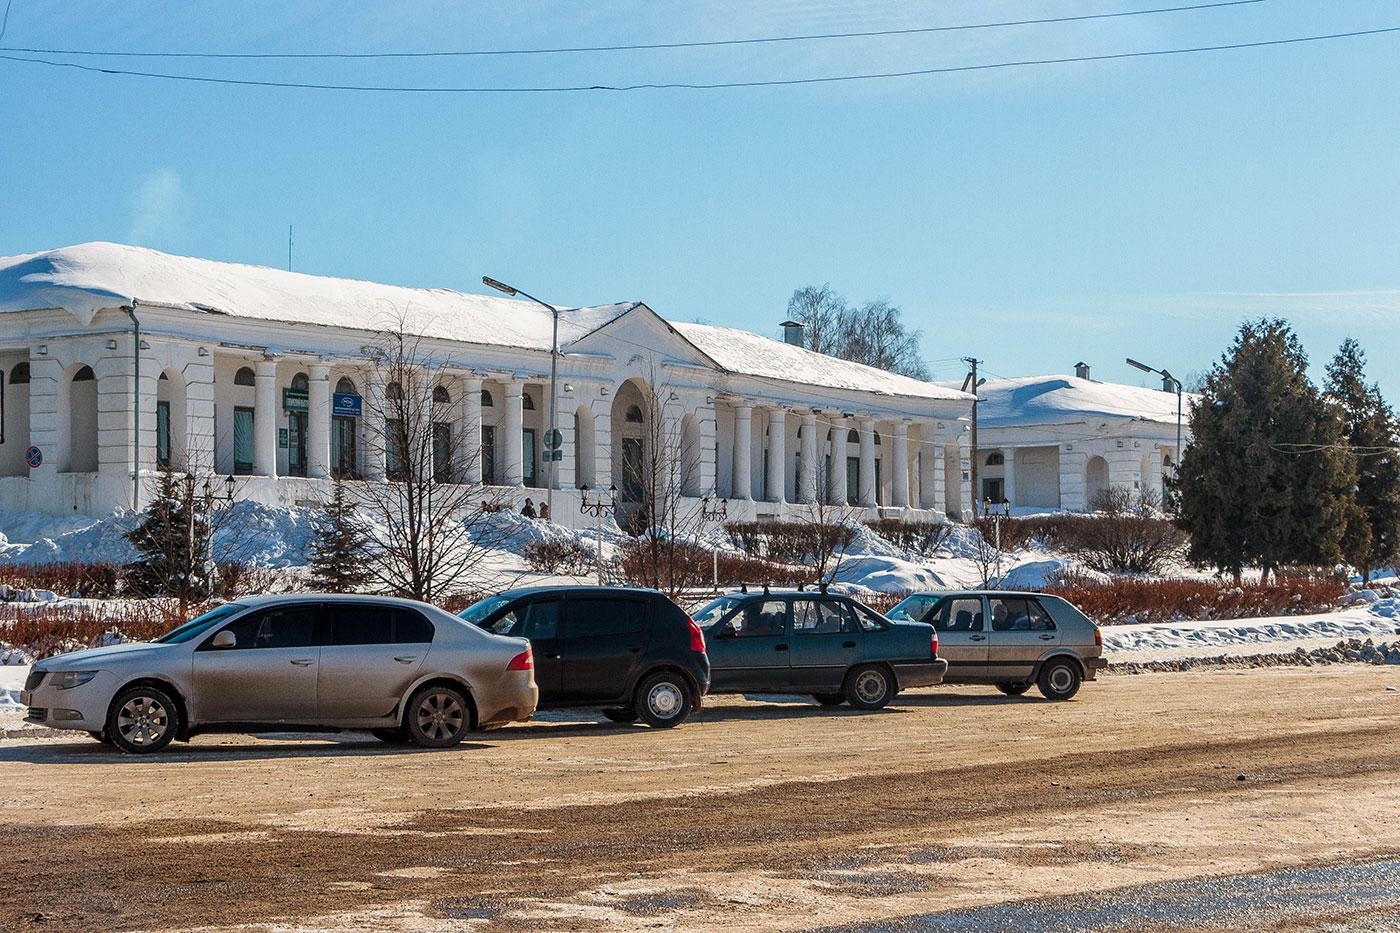 Галич: история и достопримечательности. Галичский краеведческий музей